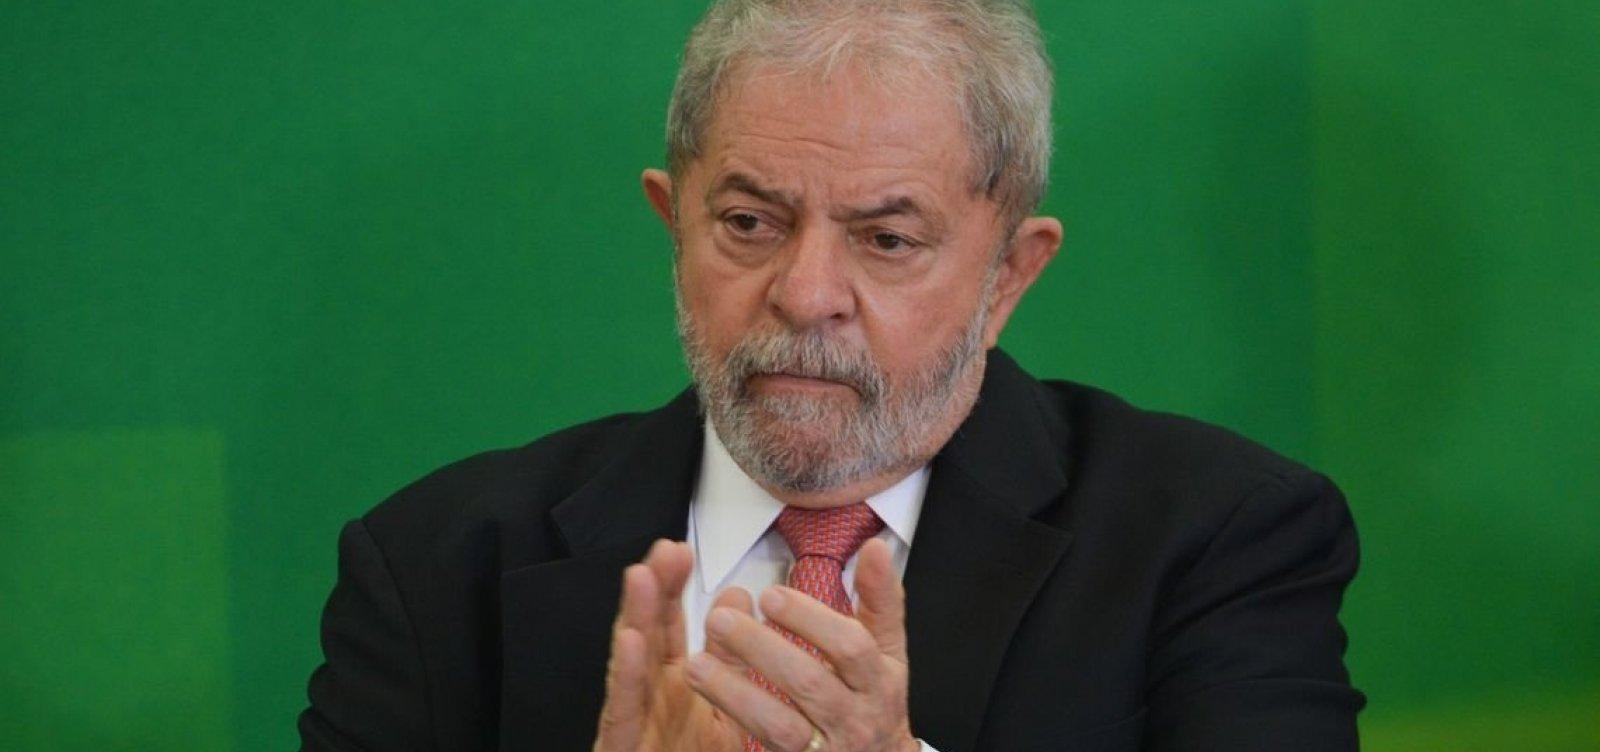 [Defesa de Lula pede que petista deixe prisão após decisão do STF]